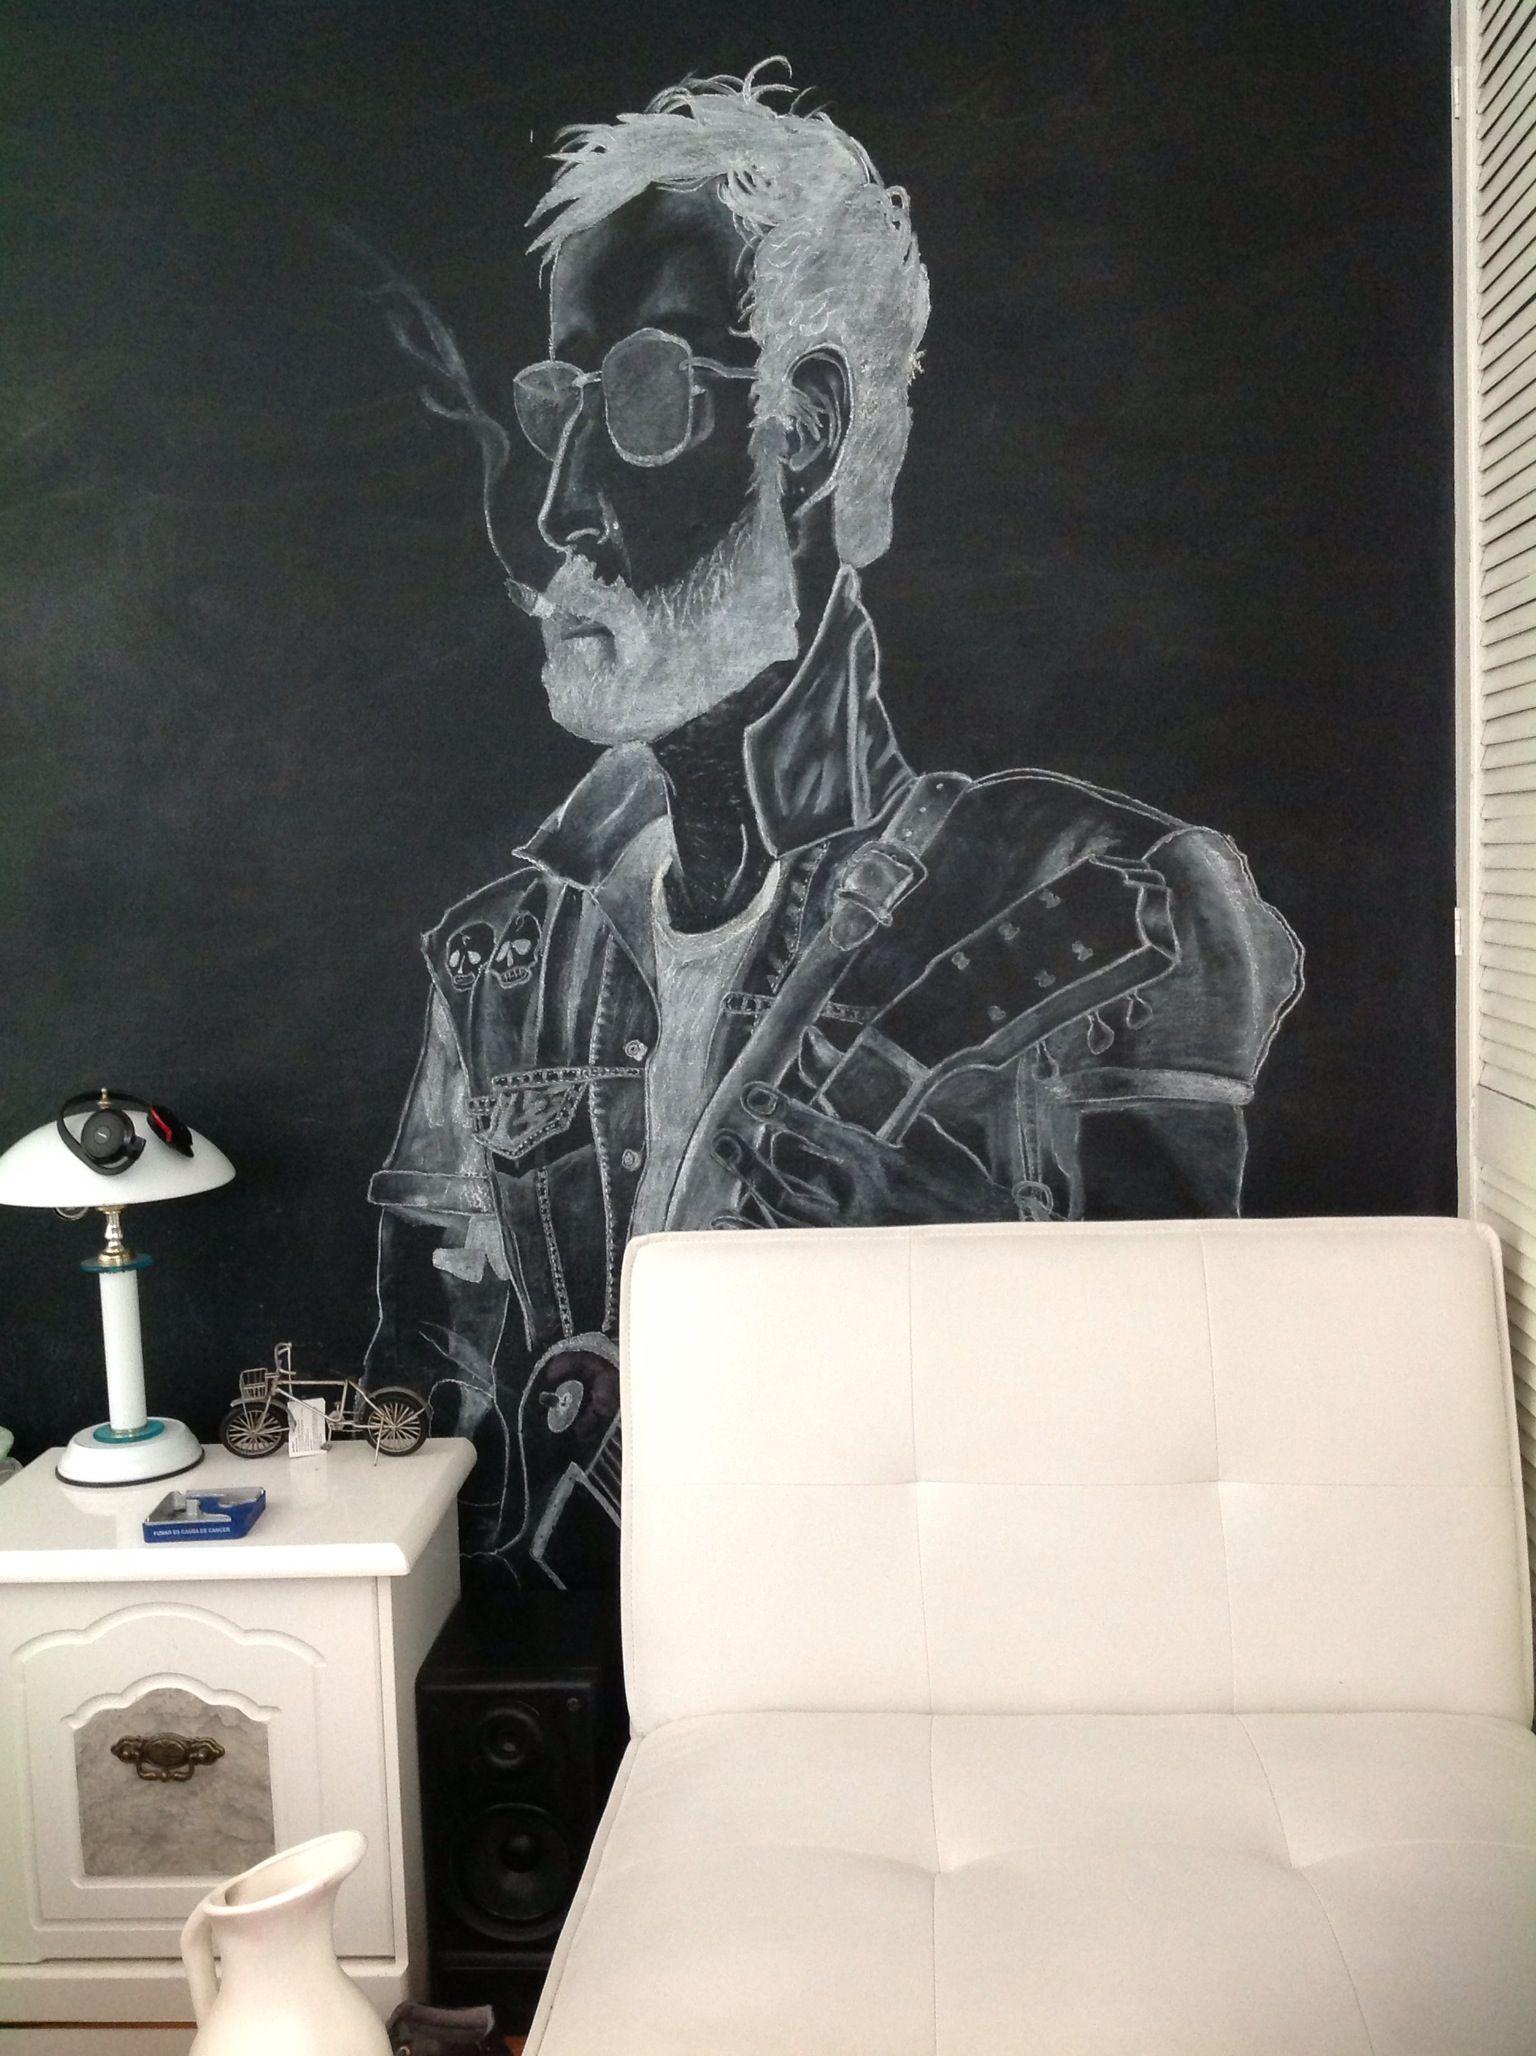 Tito Fuentes #Molotov my #room #Draw black and white bedroom blackboard